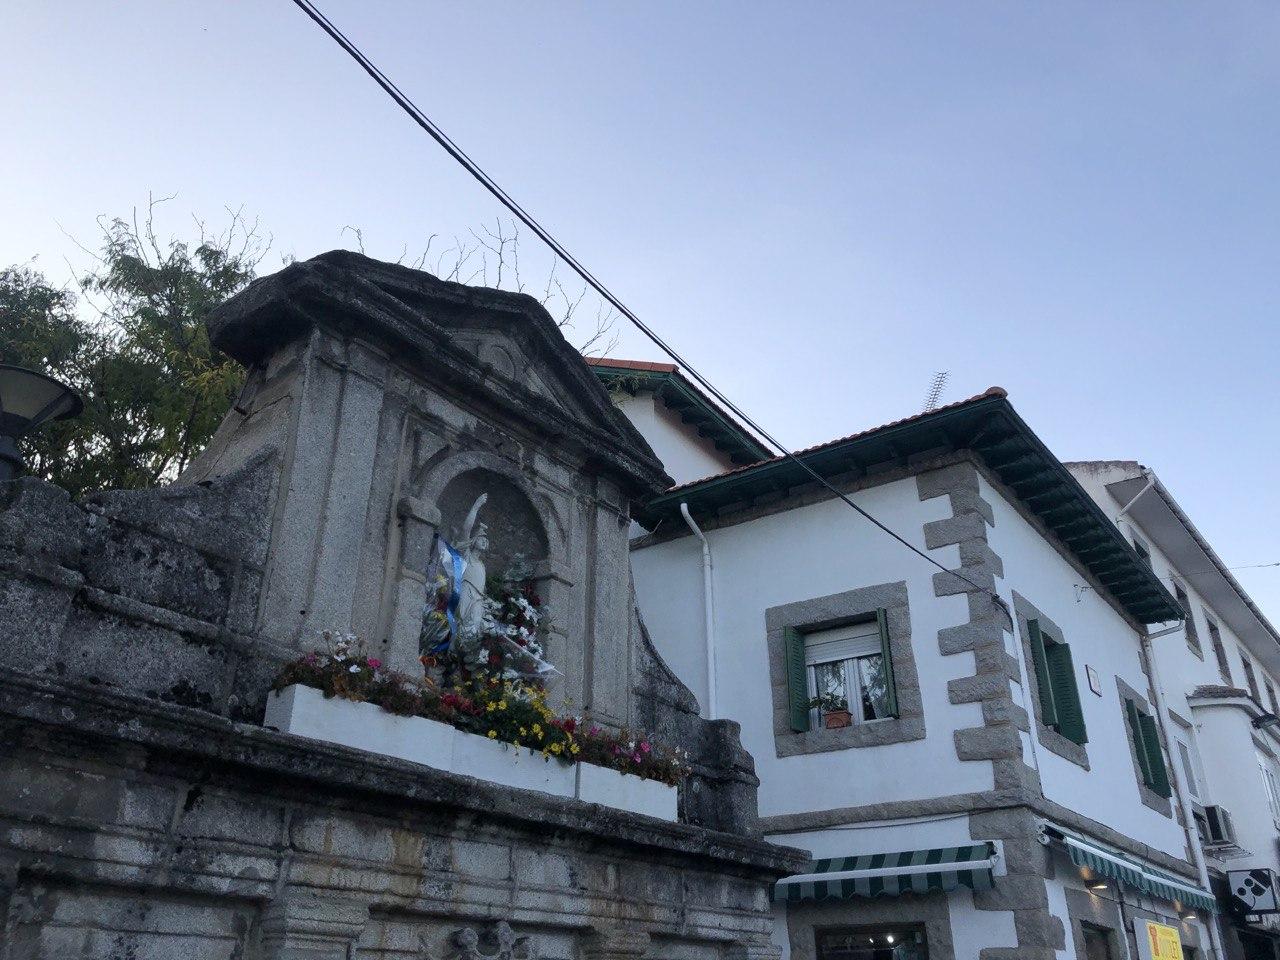 Brote residencia guadarrama